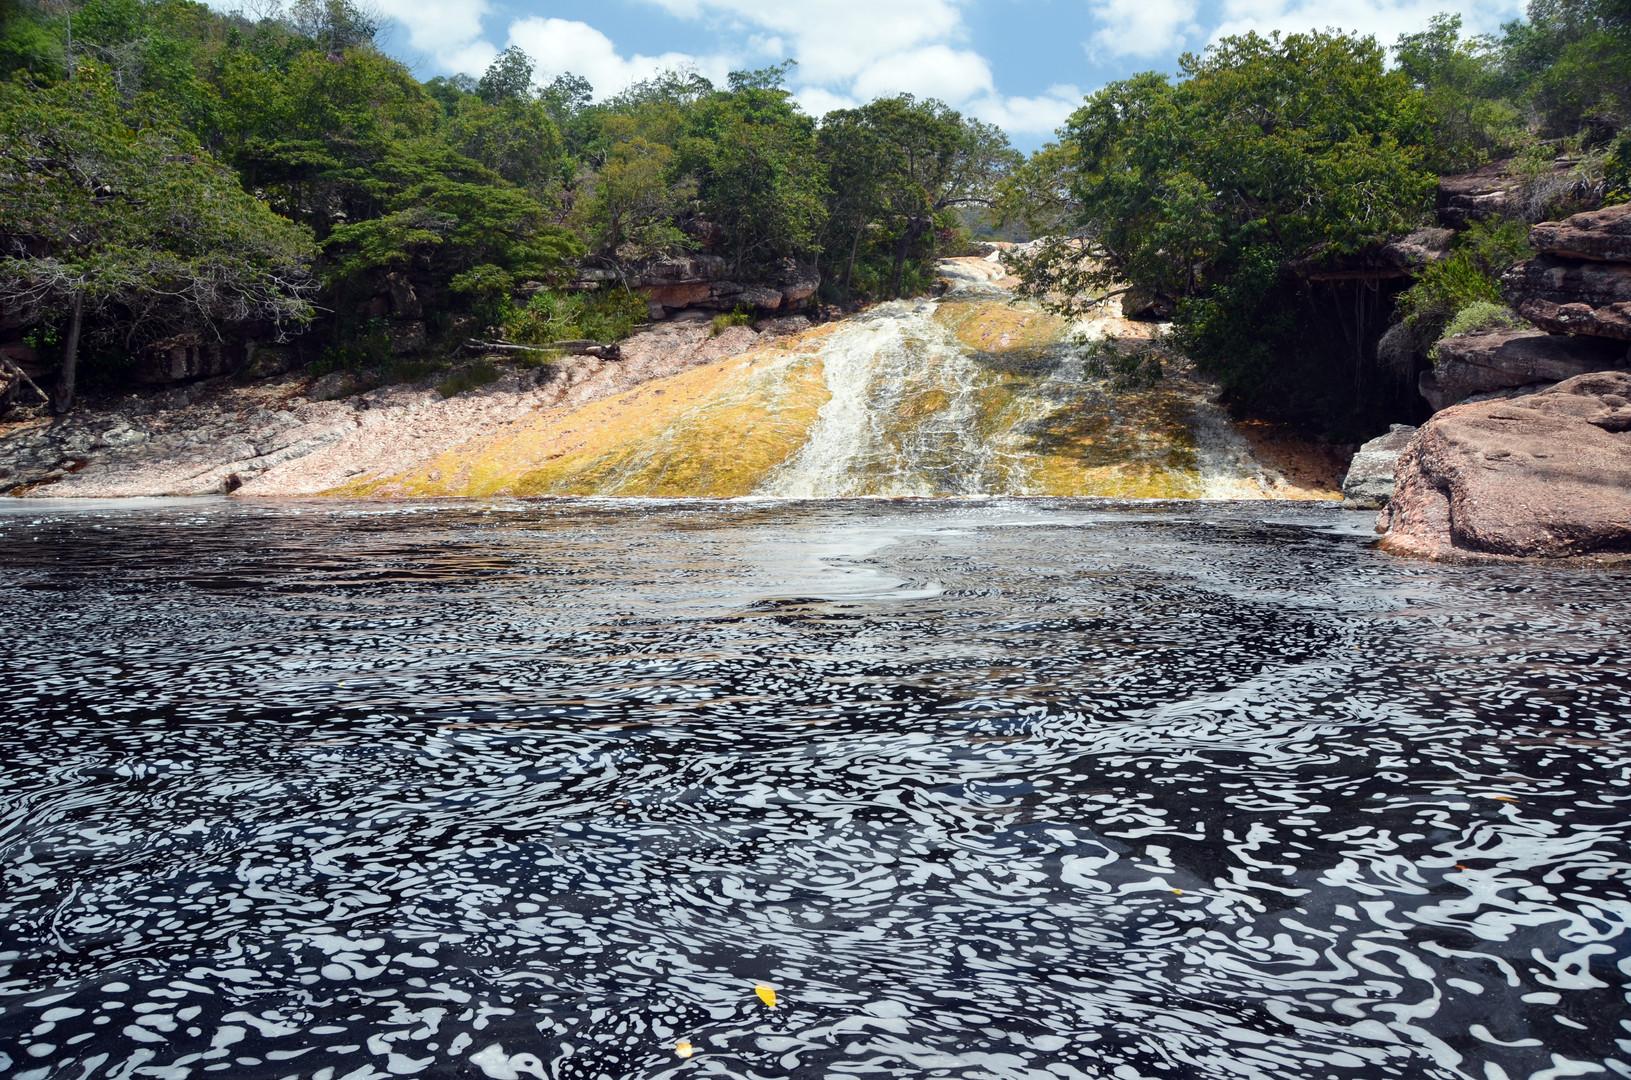 trekking_do_mixila_Ribeirão_do_meio_(5).